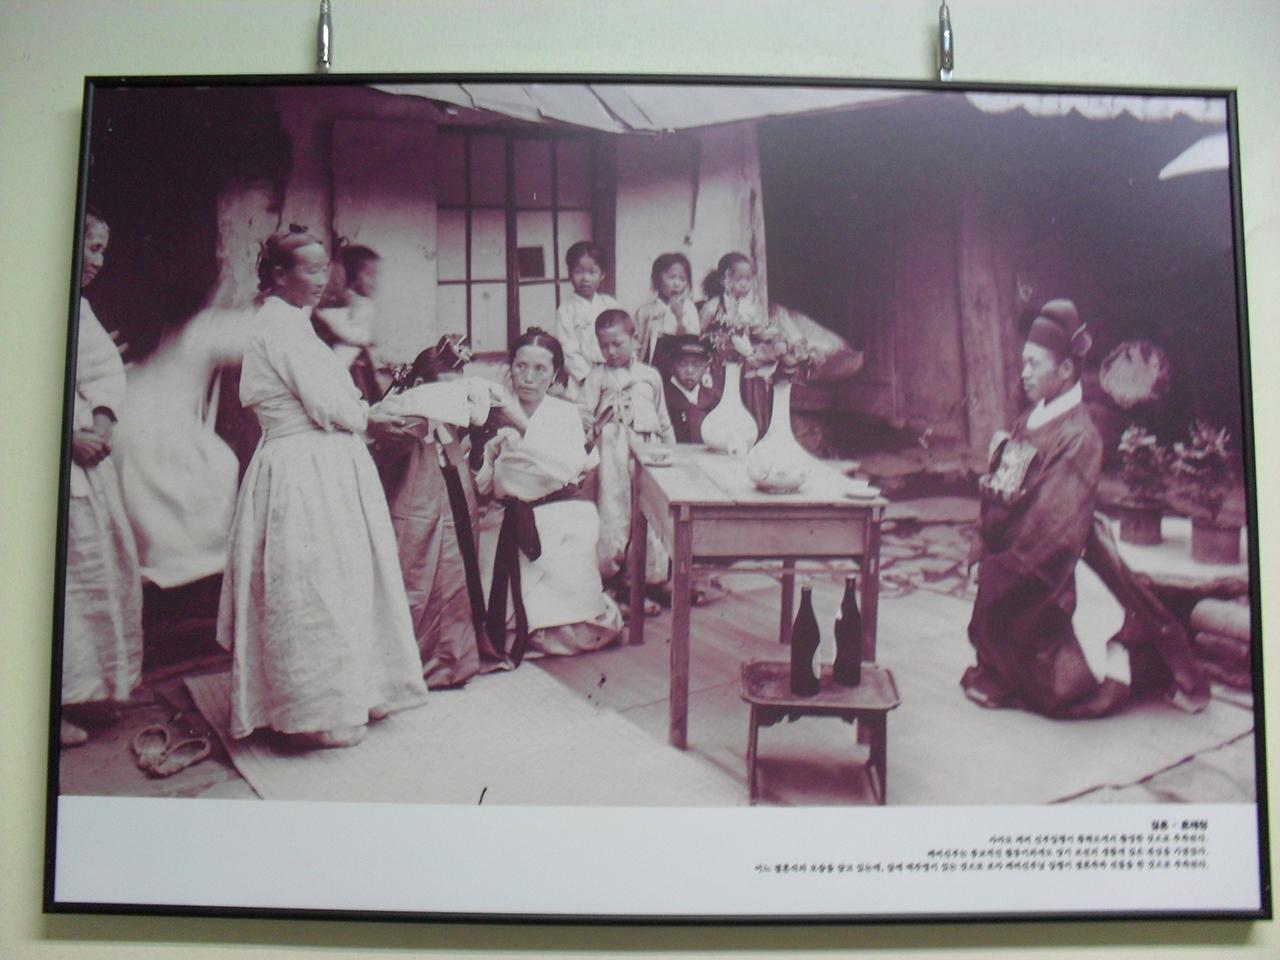 조선 후기 결혼식. 노르베르트 베버 신부가 황해도에서 촬영한 것으로 보인다. 서울 성균관대학교 퇴계인문관 복도에서 찍은 사진.